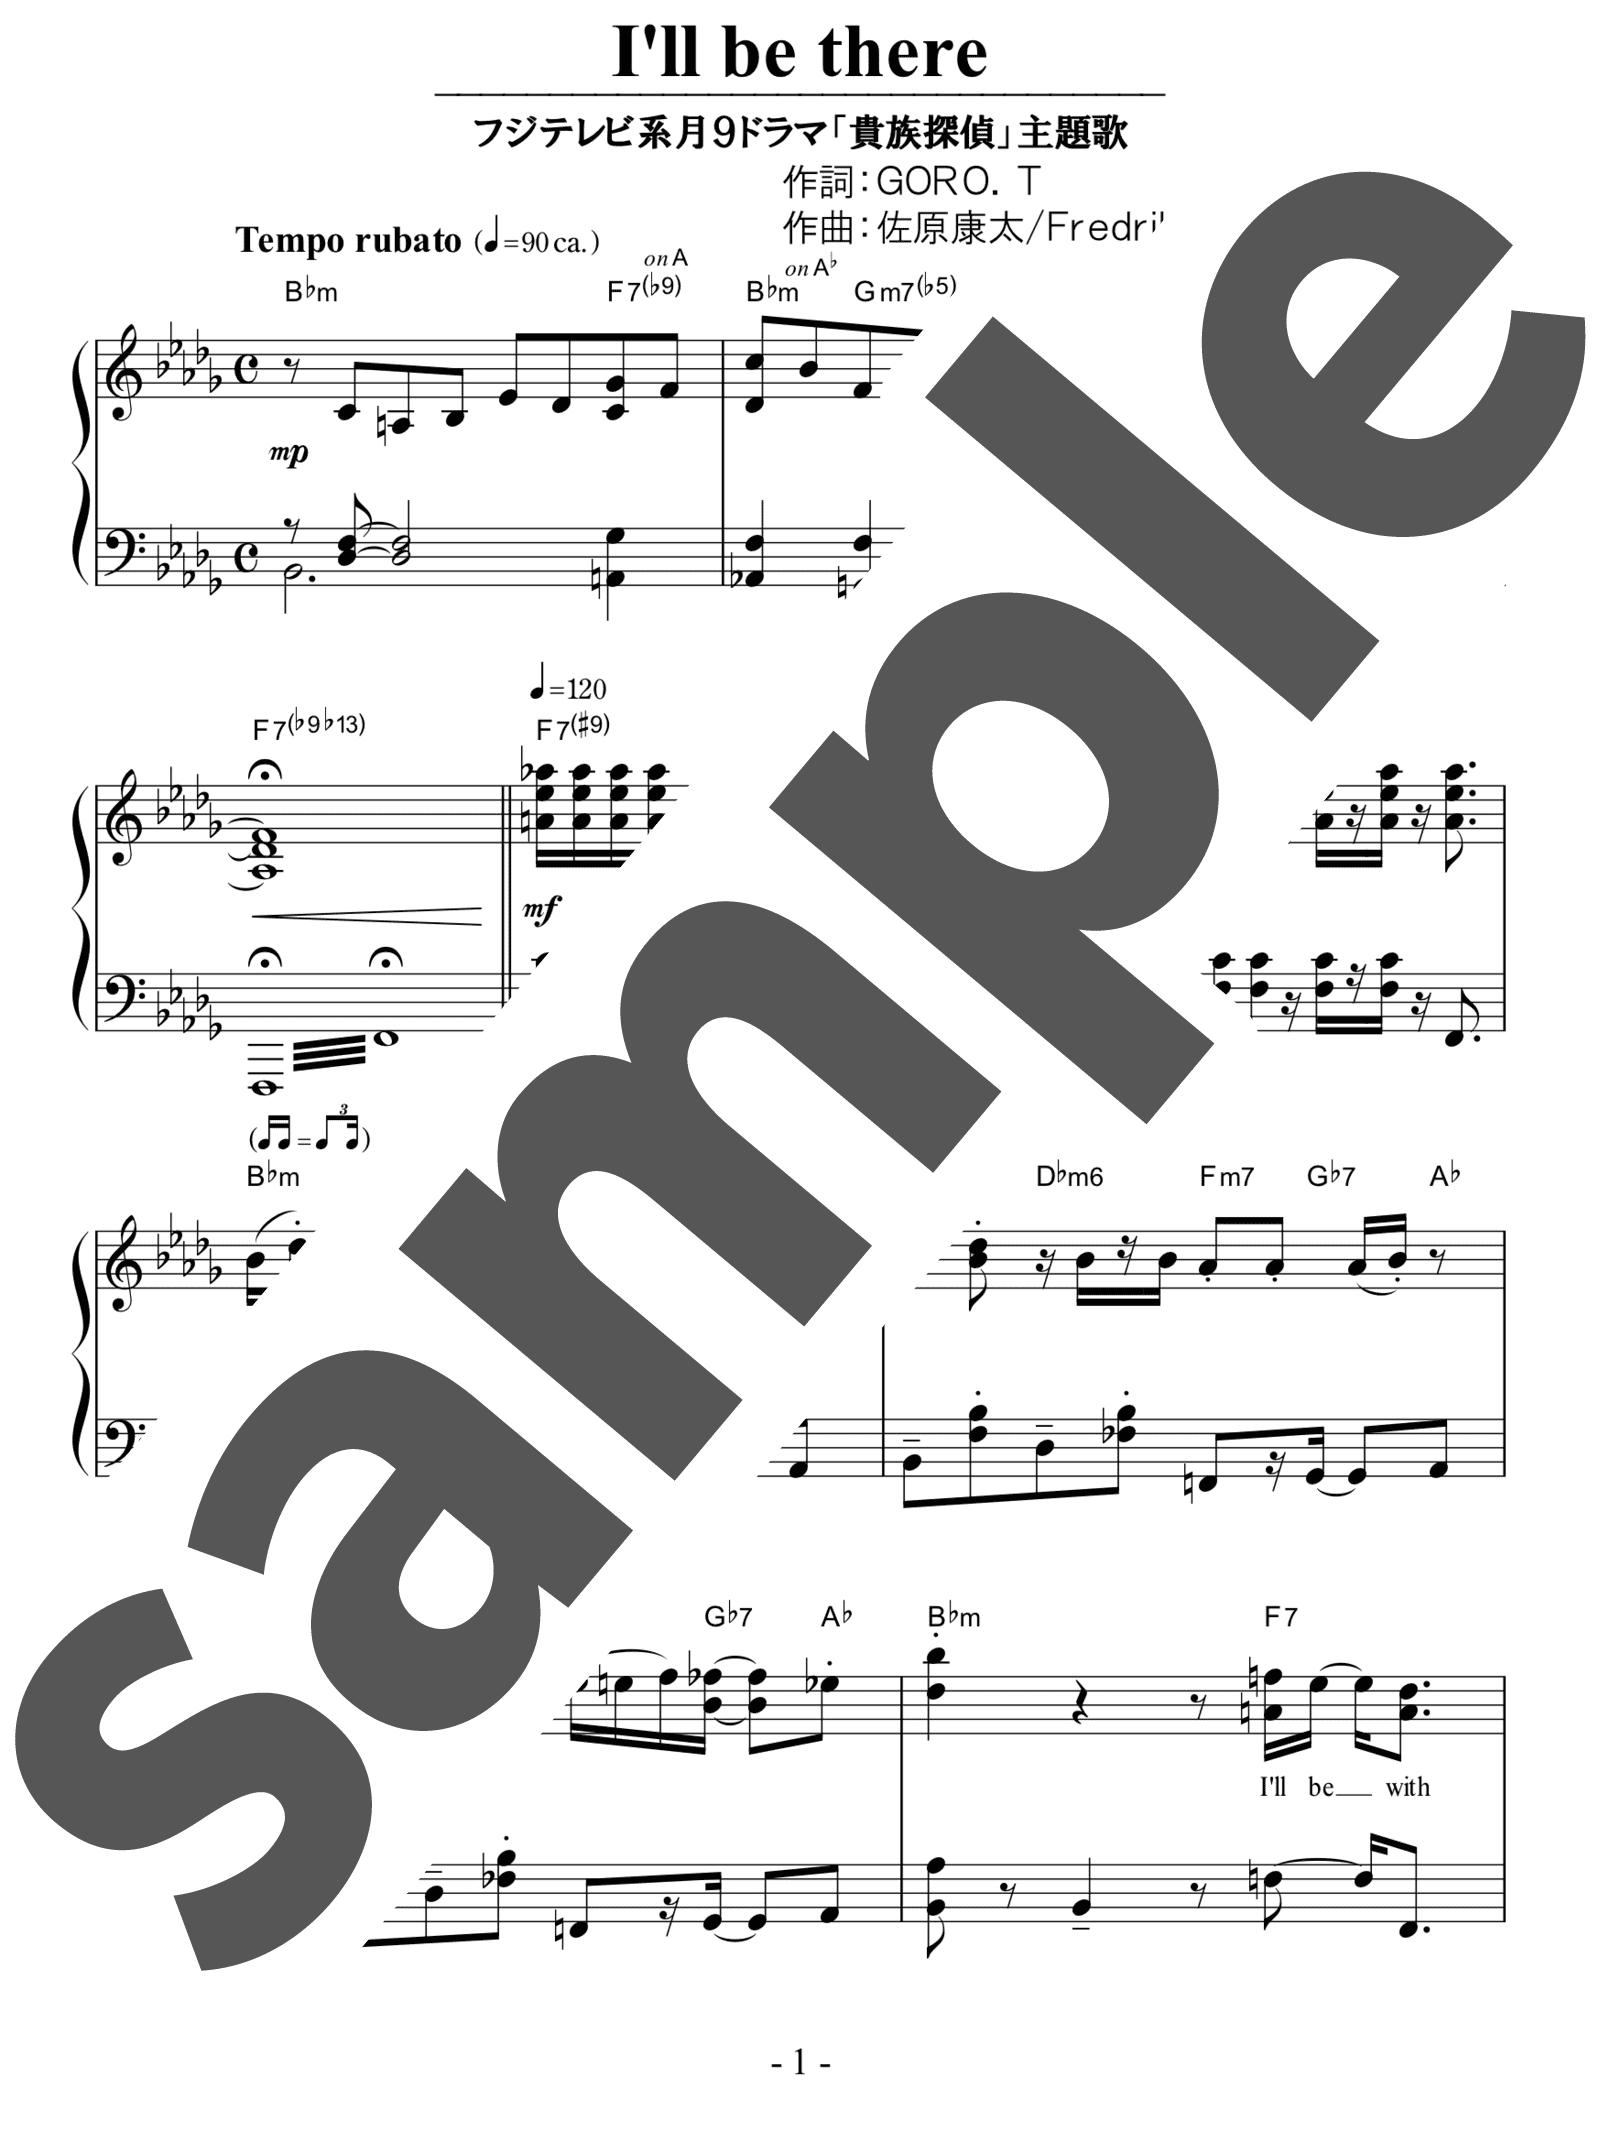 「I'll be there」のサンプル楽譜